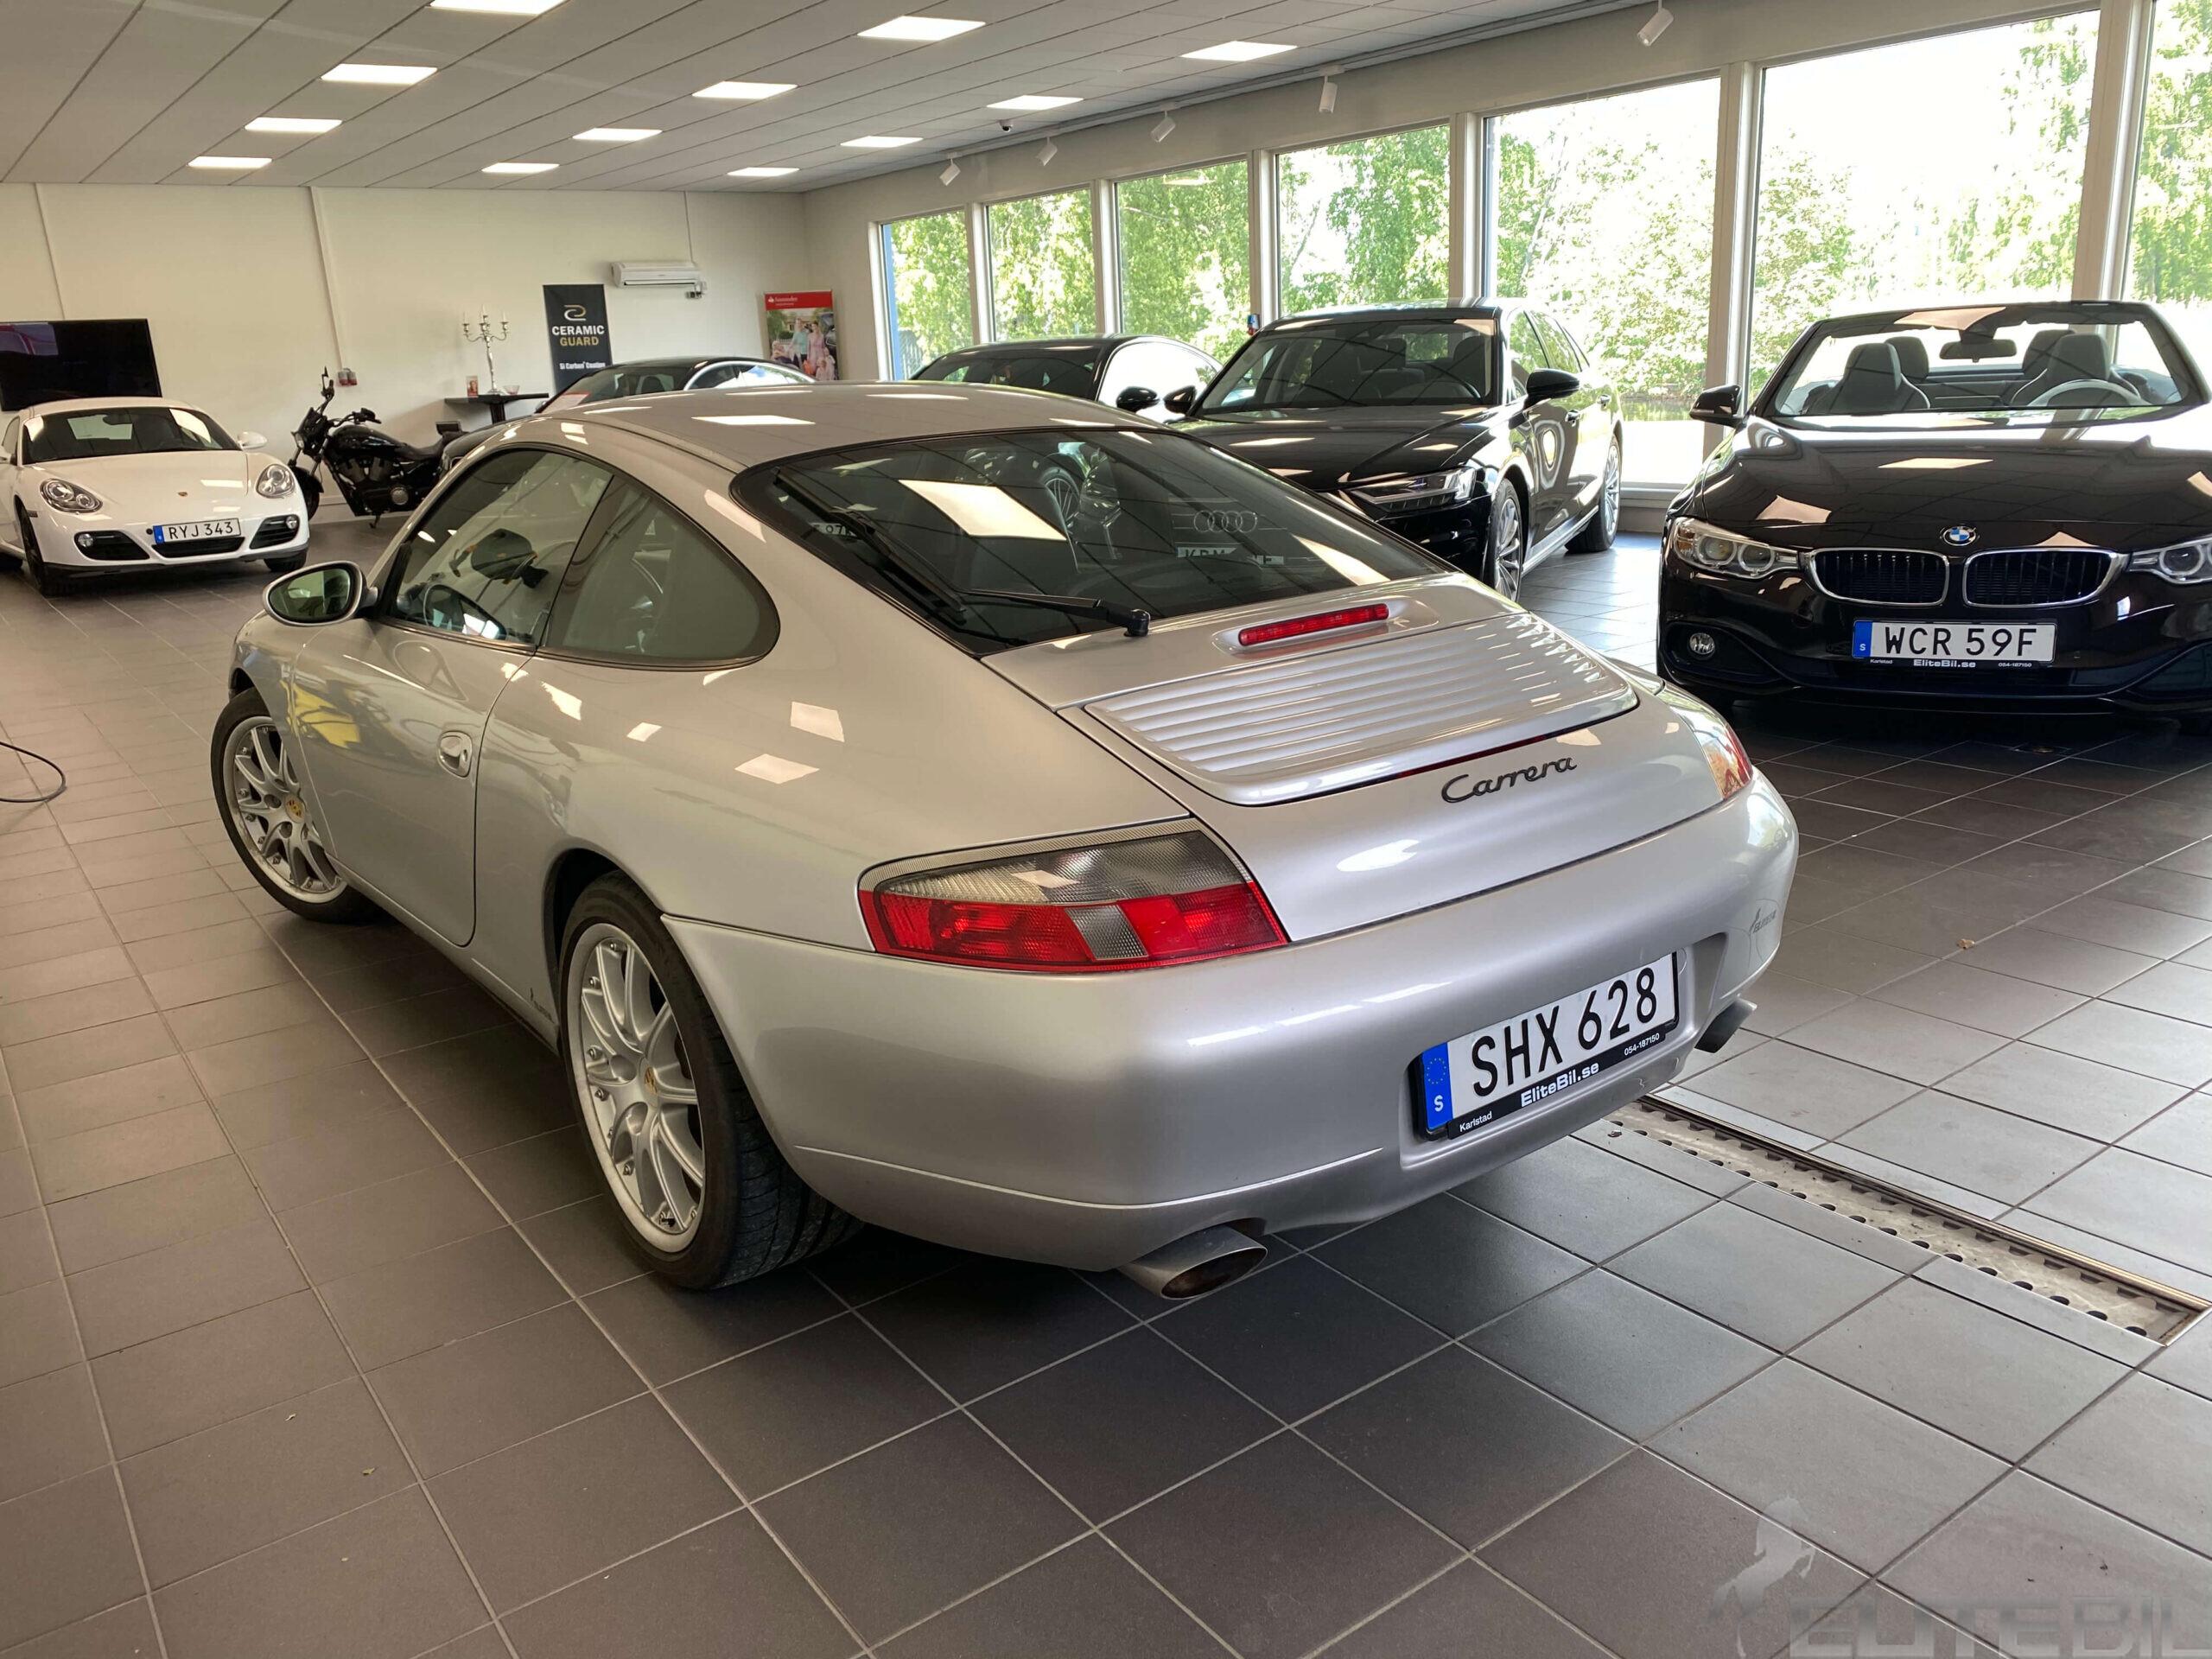 Porsche 911 996 Carrera 301hk Sv.Såld (5)